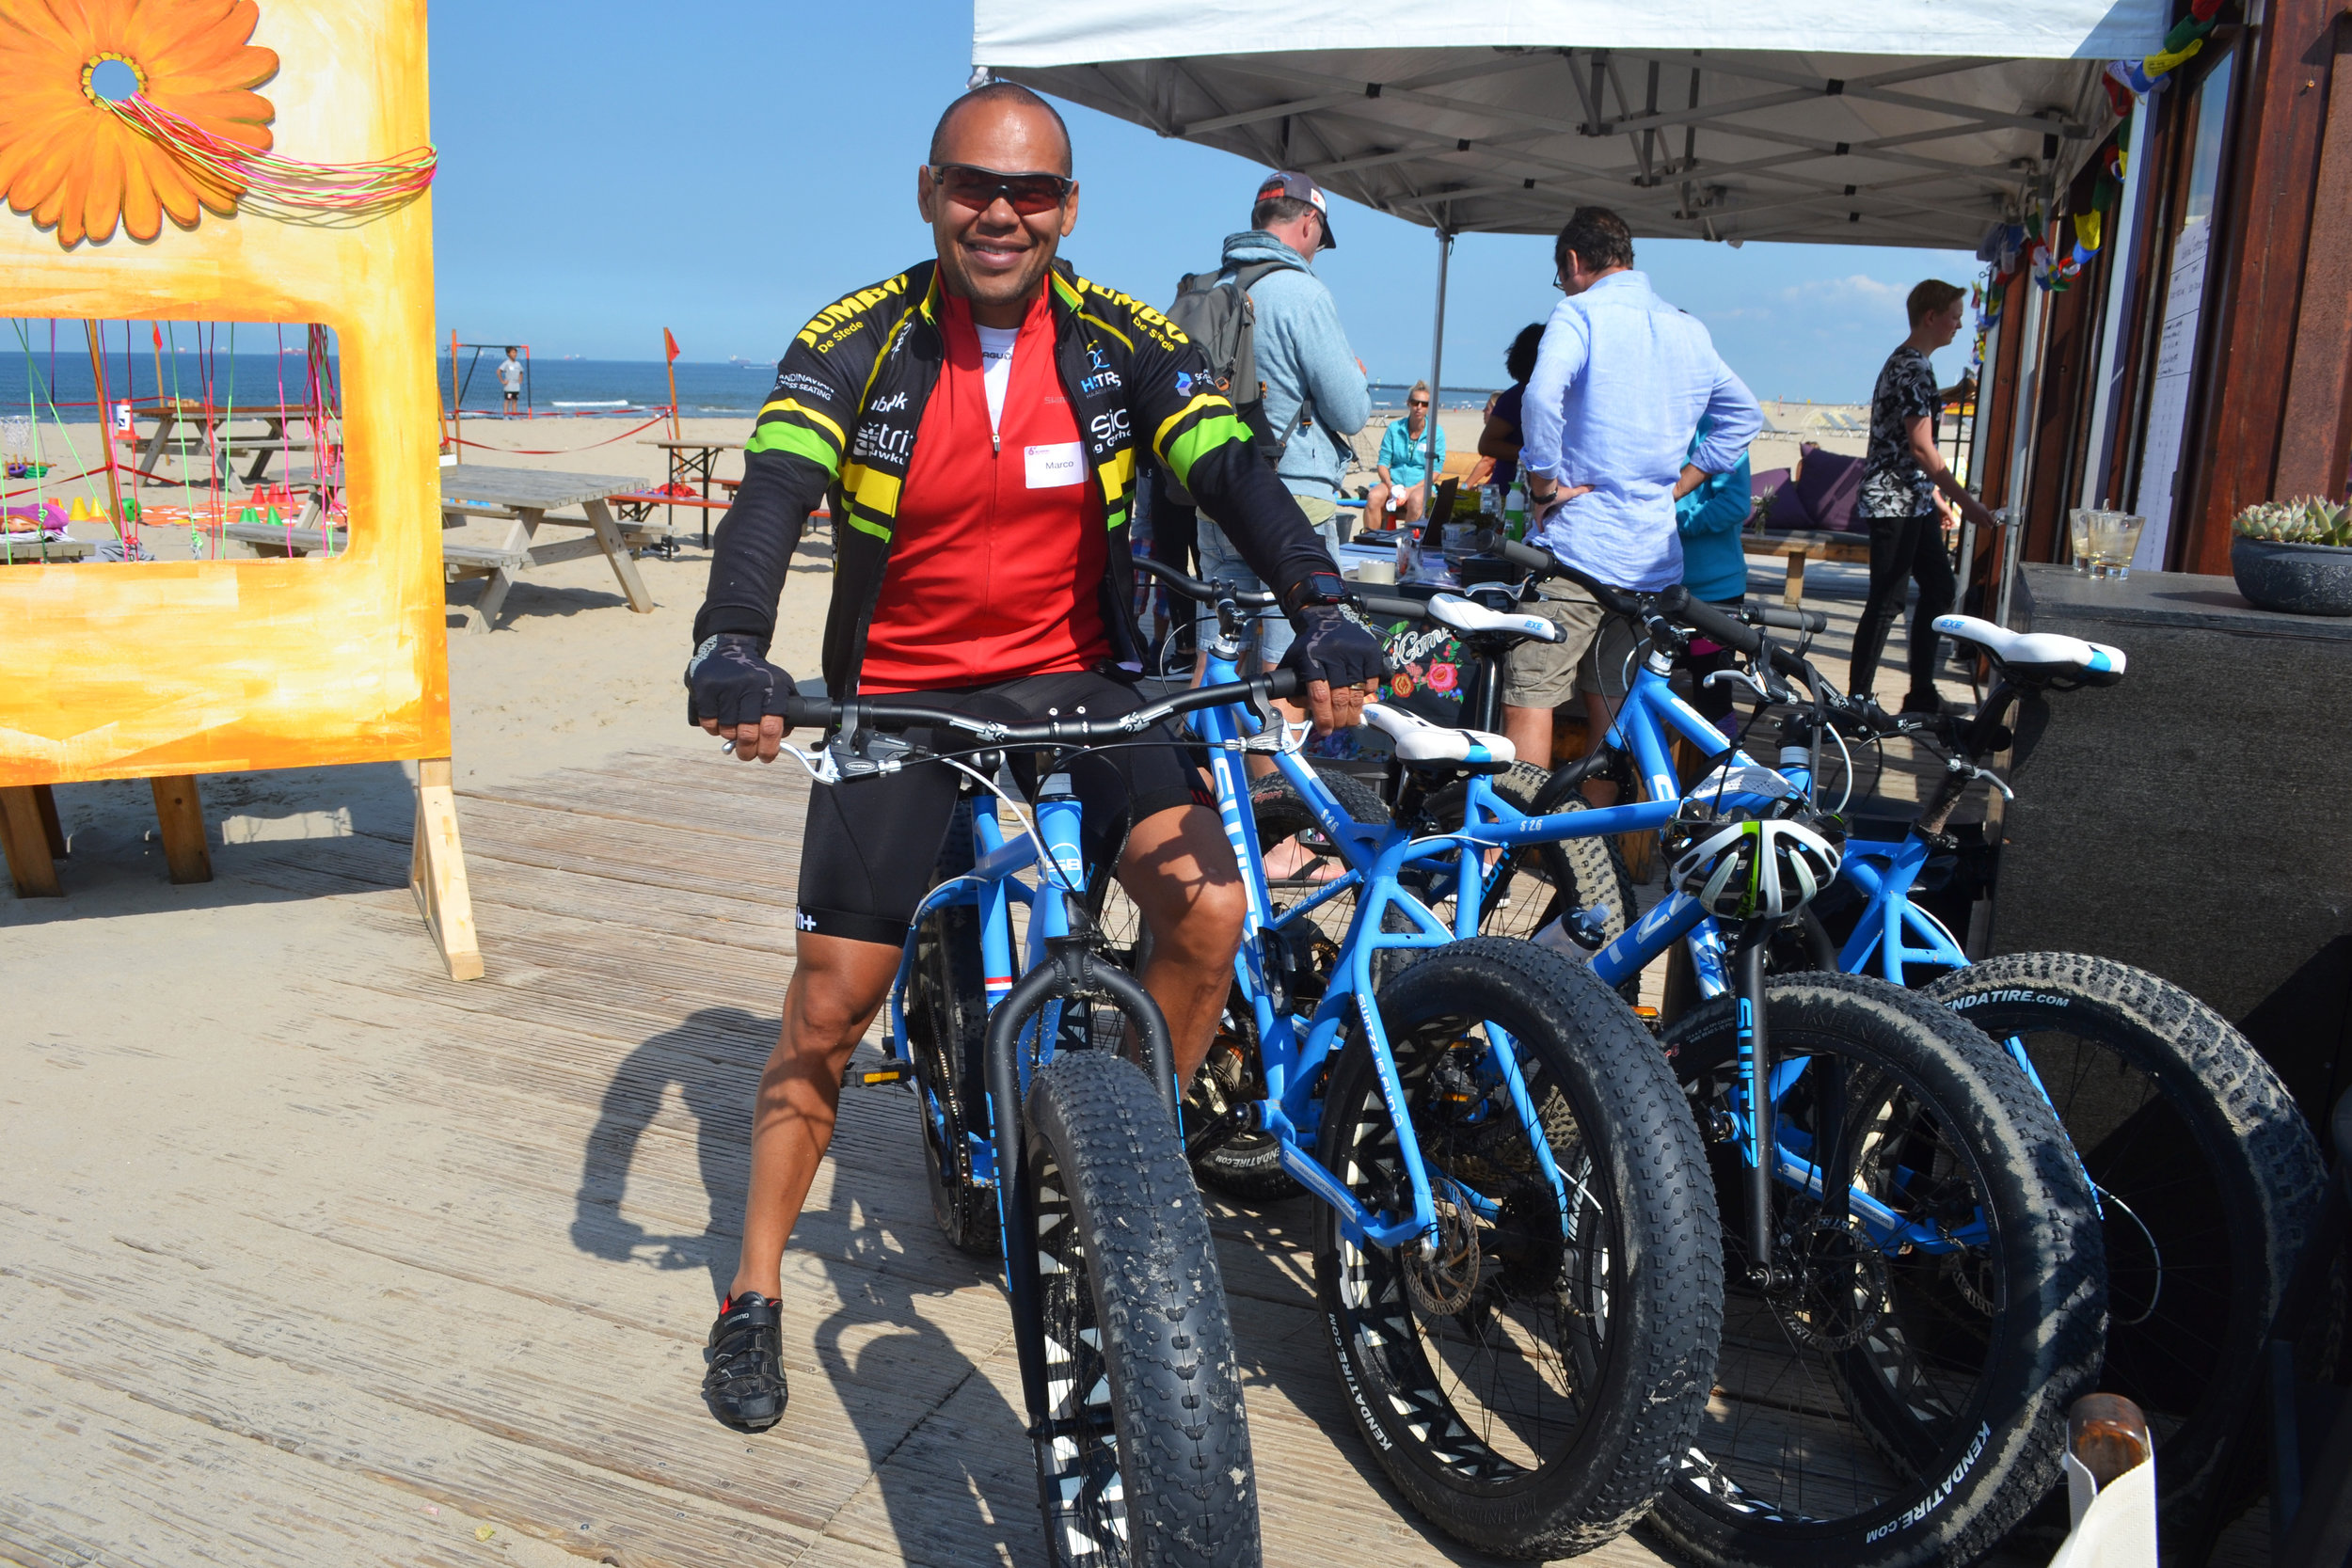 Marco, our beach-biking pro